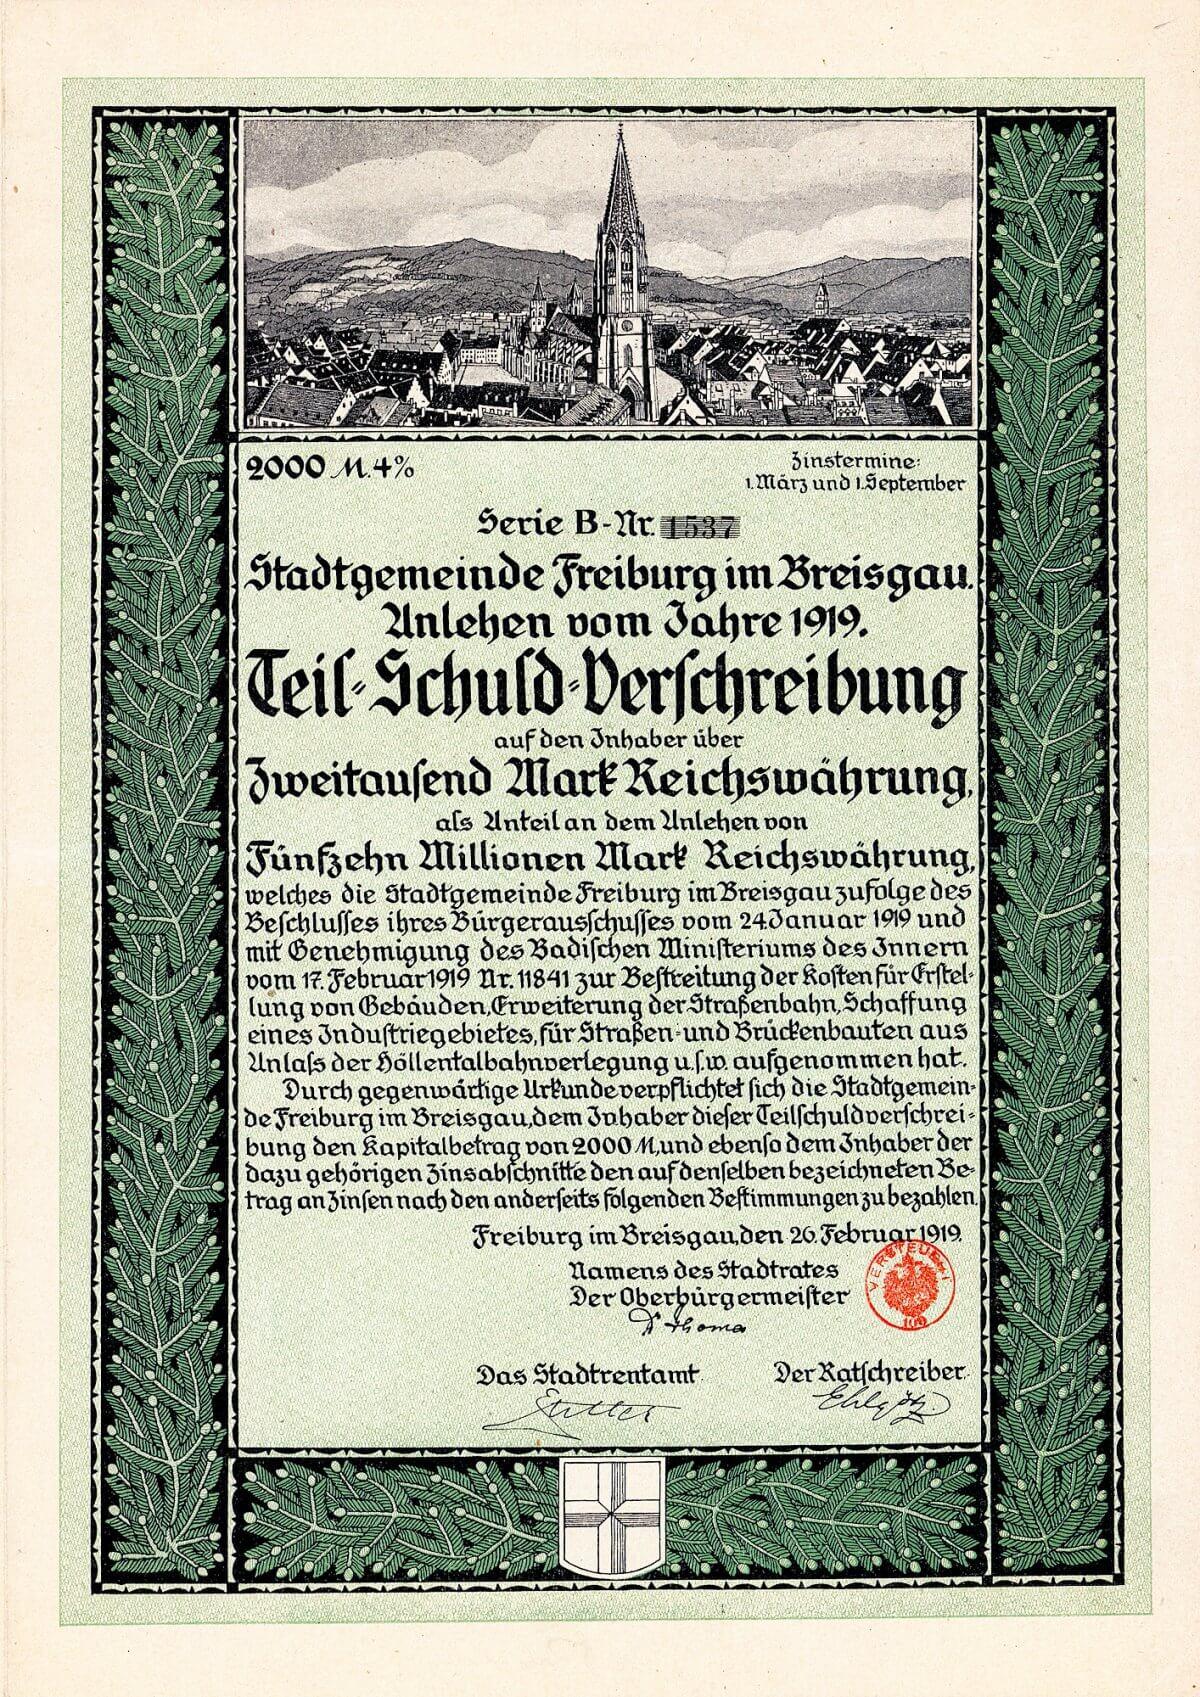 Stadt Freiburg im Breisgau, Teilschuldverschreibung über 2000 Mark von 1919. Teil einer Anleihe von 15 Millionen Mark für städtische Bauten, Erweiterung der Straßenbahn, Schaffung eines Industriegebietes sowie Straßen- und Brückenbauten aus Anlaß der Höllentalbahnverlegung.